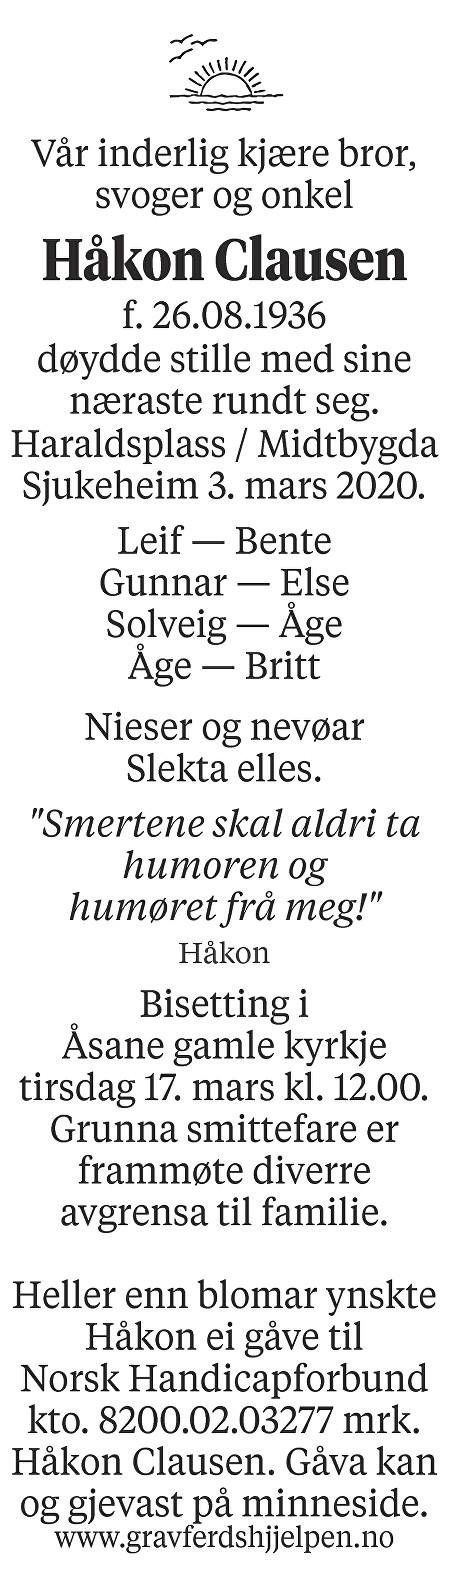 Håkon Clausen Dødsannonse